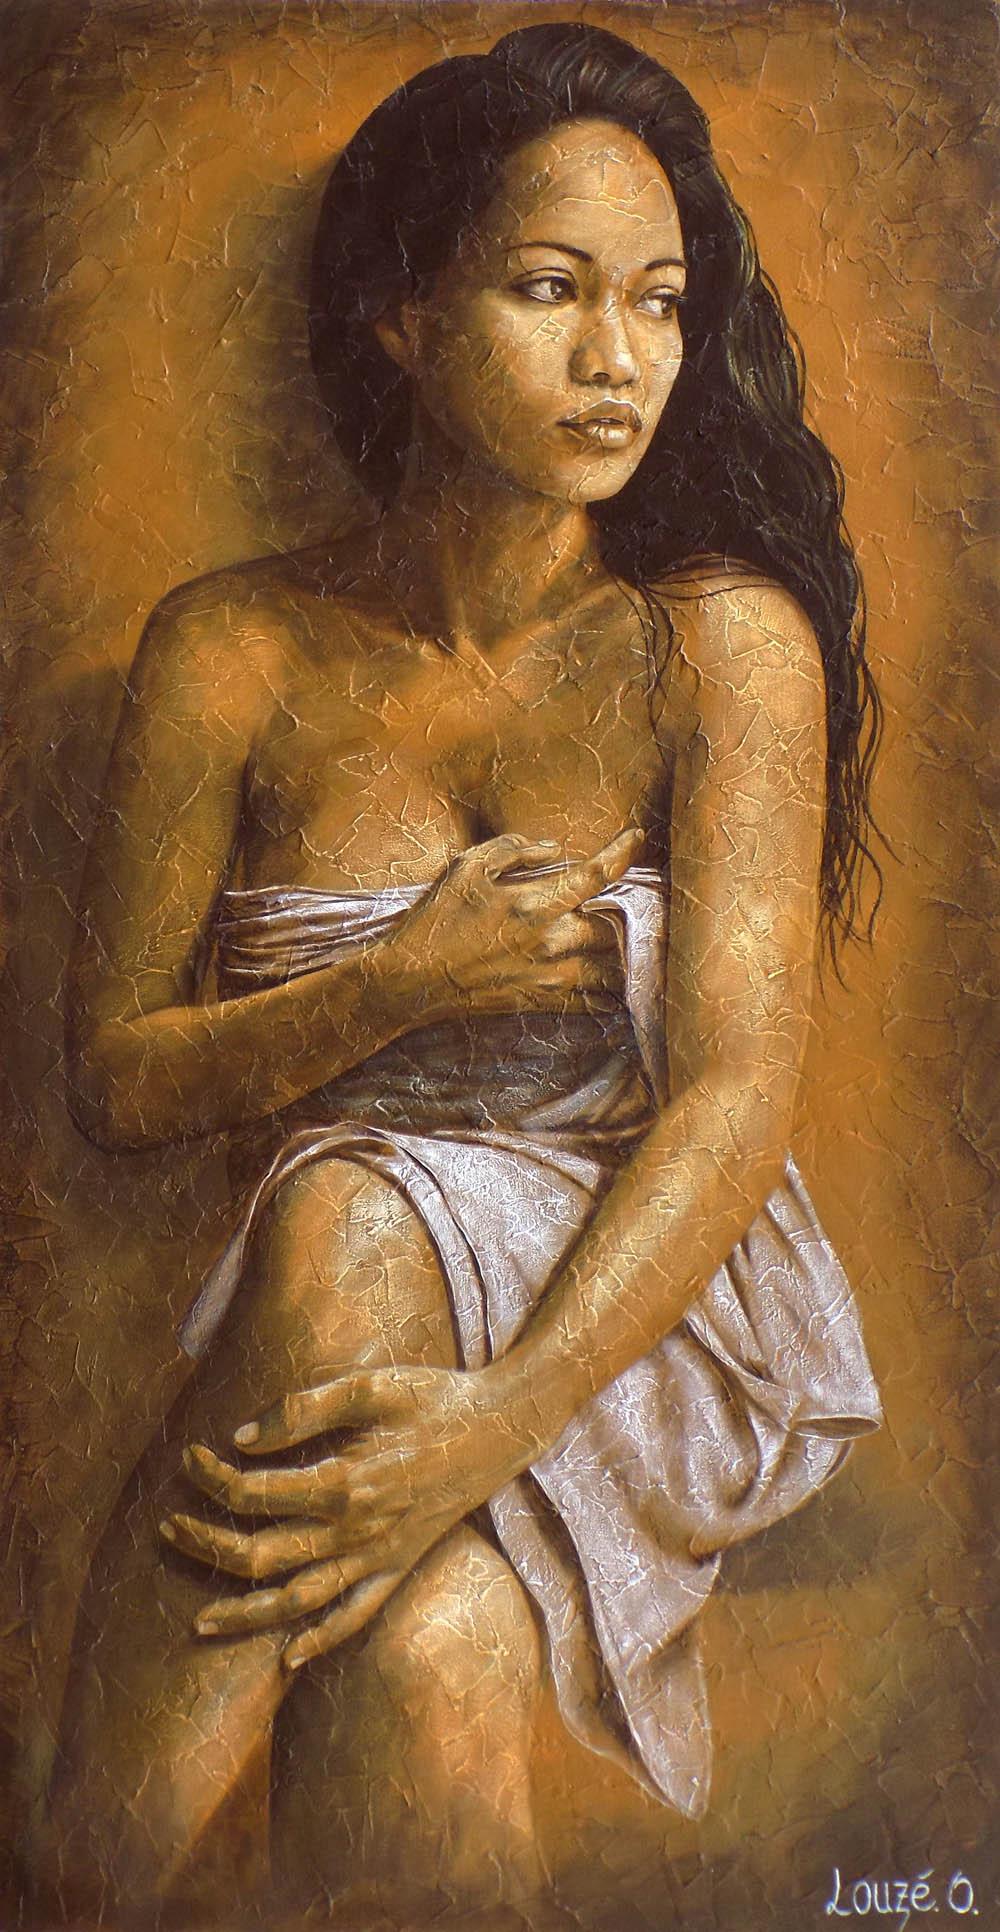 Parmi ses sujets de prédilection, la vahine polynésienne est au cœur de son œuvre.